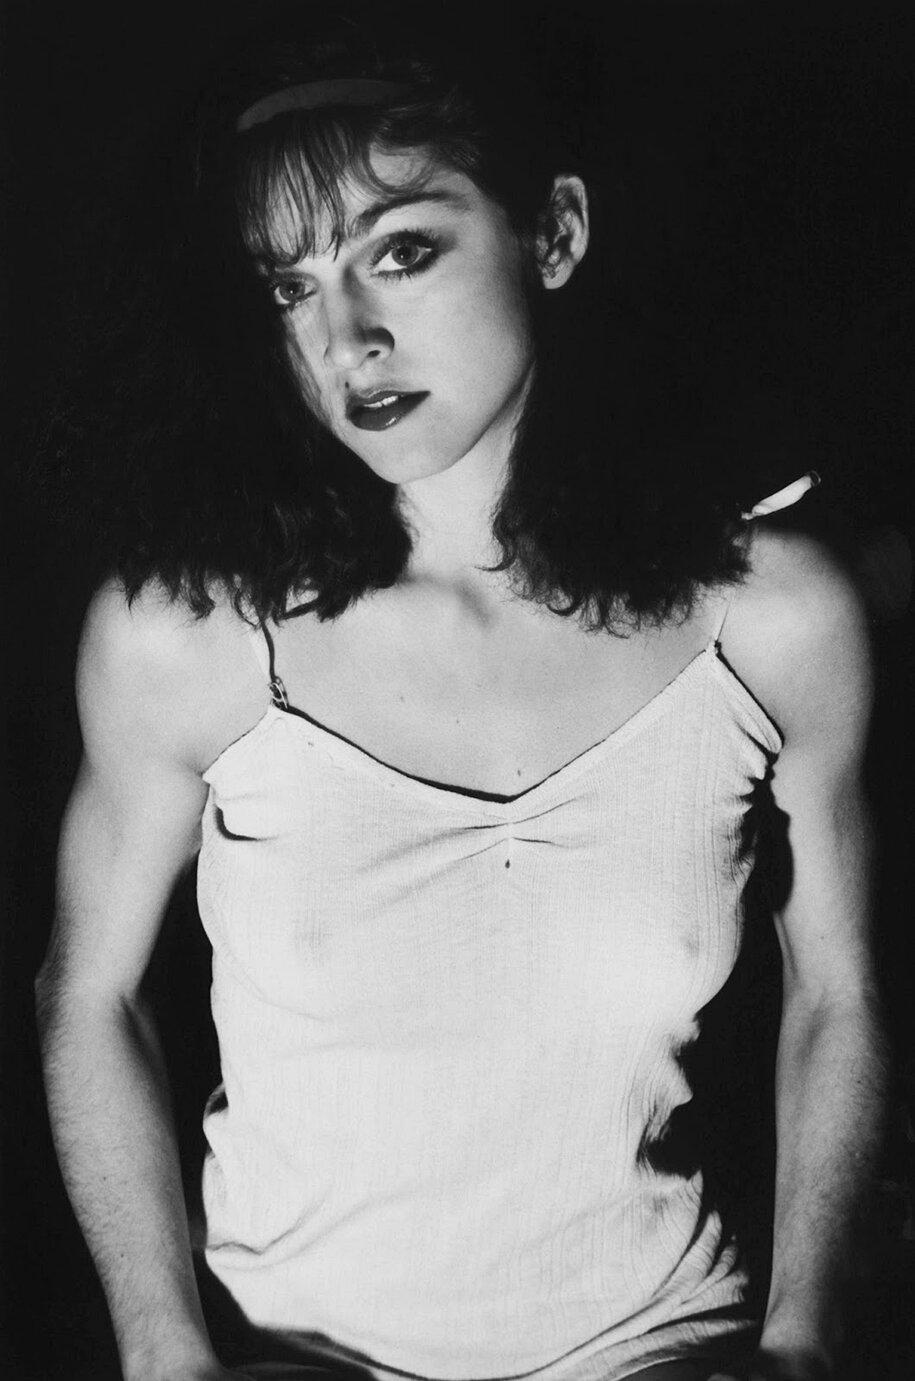 madonna-foto-anni-70-prima-di-diventare-famosa-new-york-01